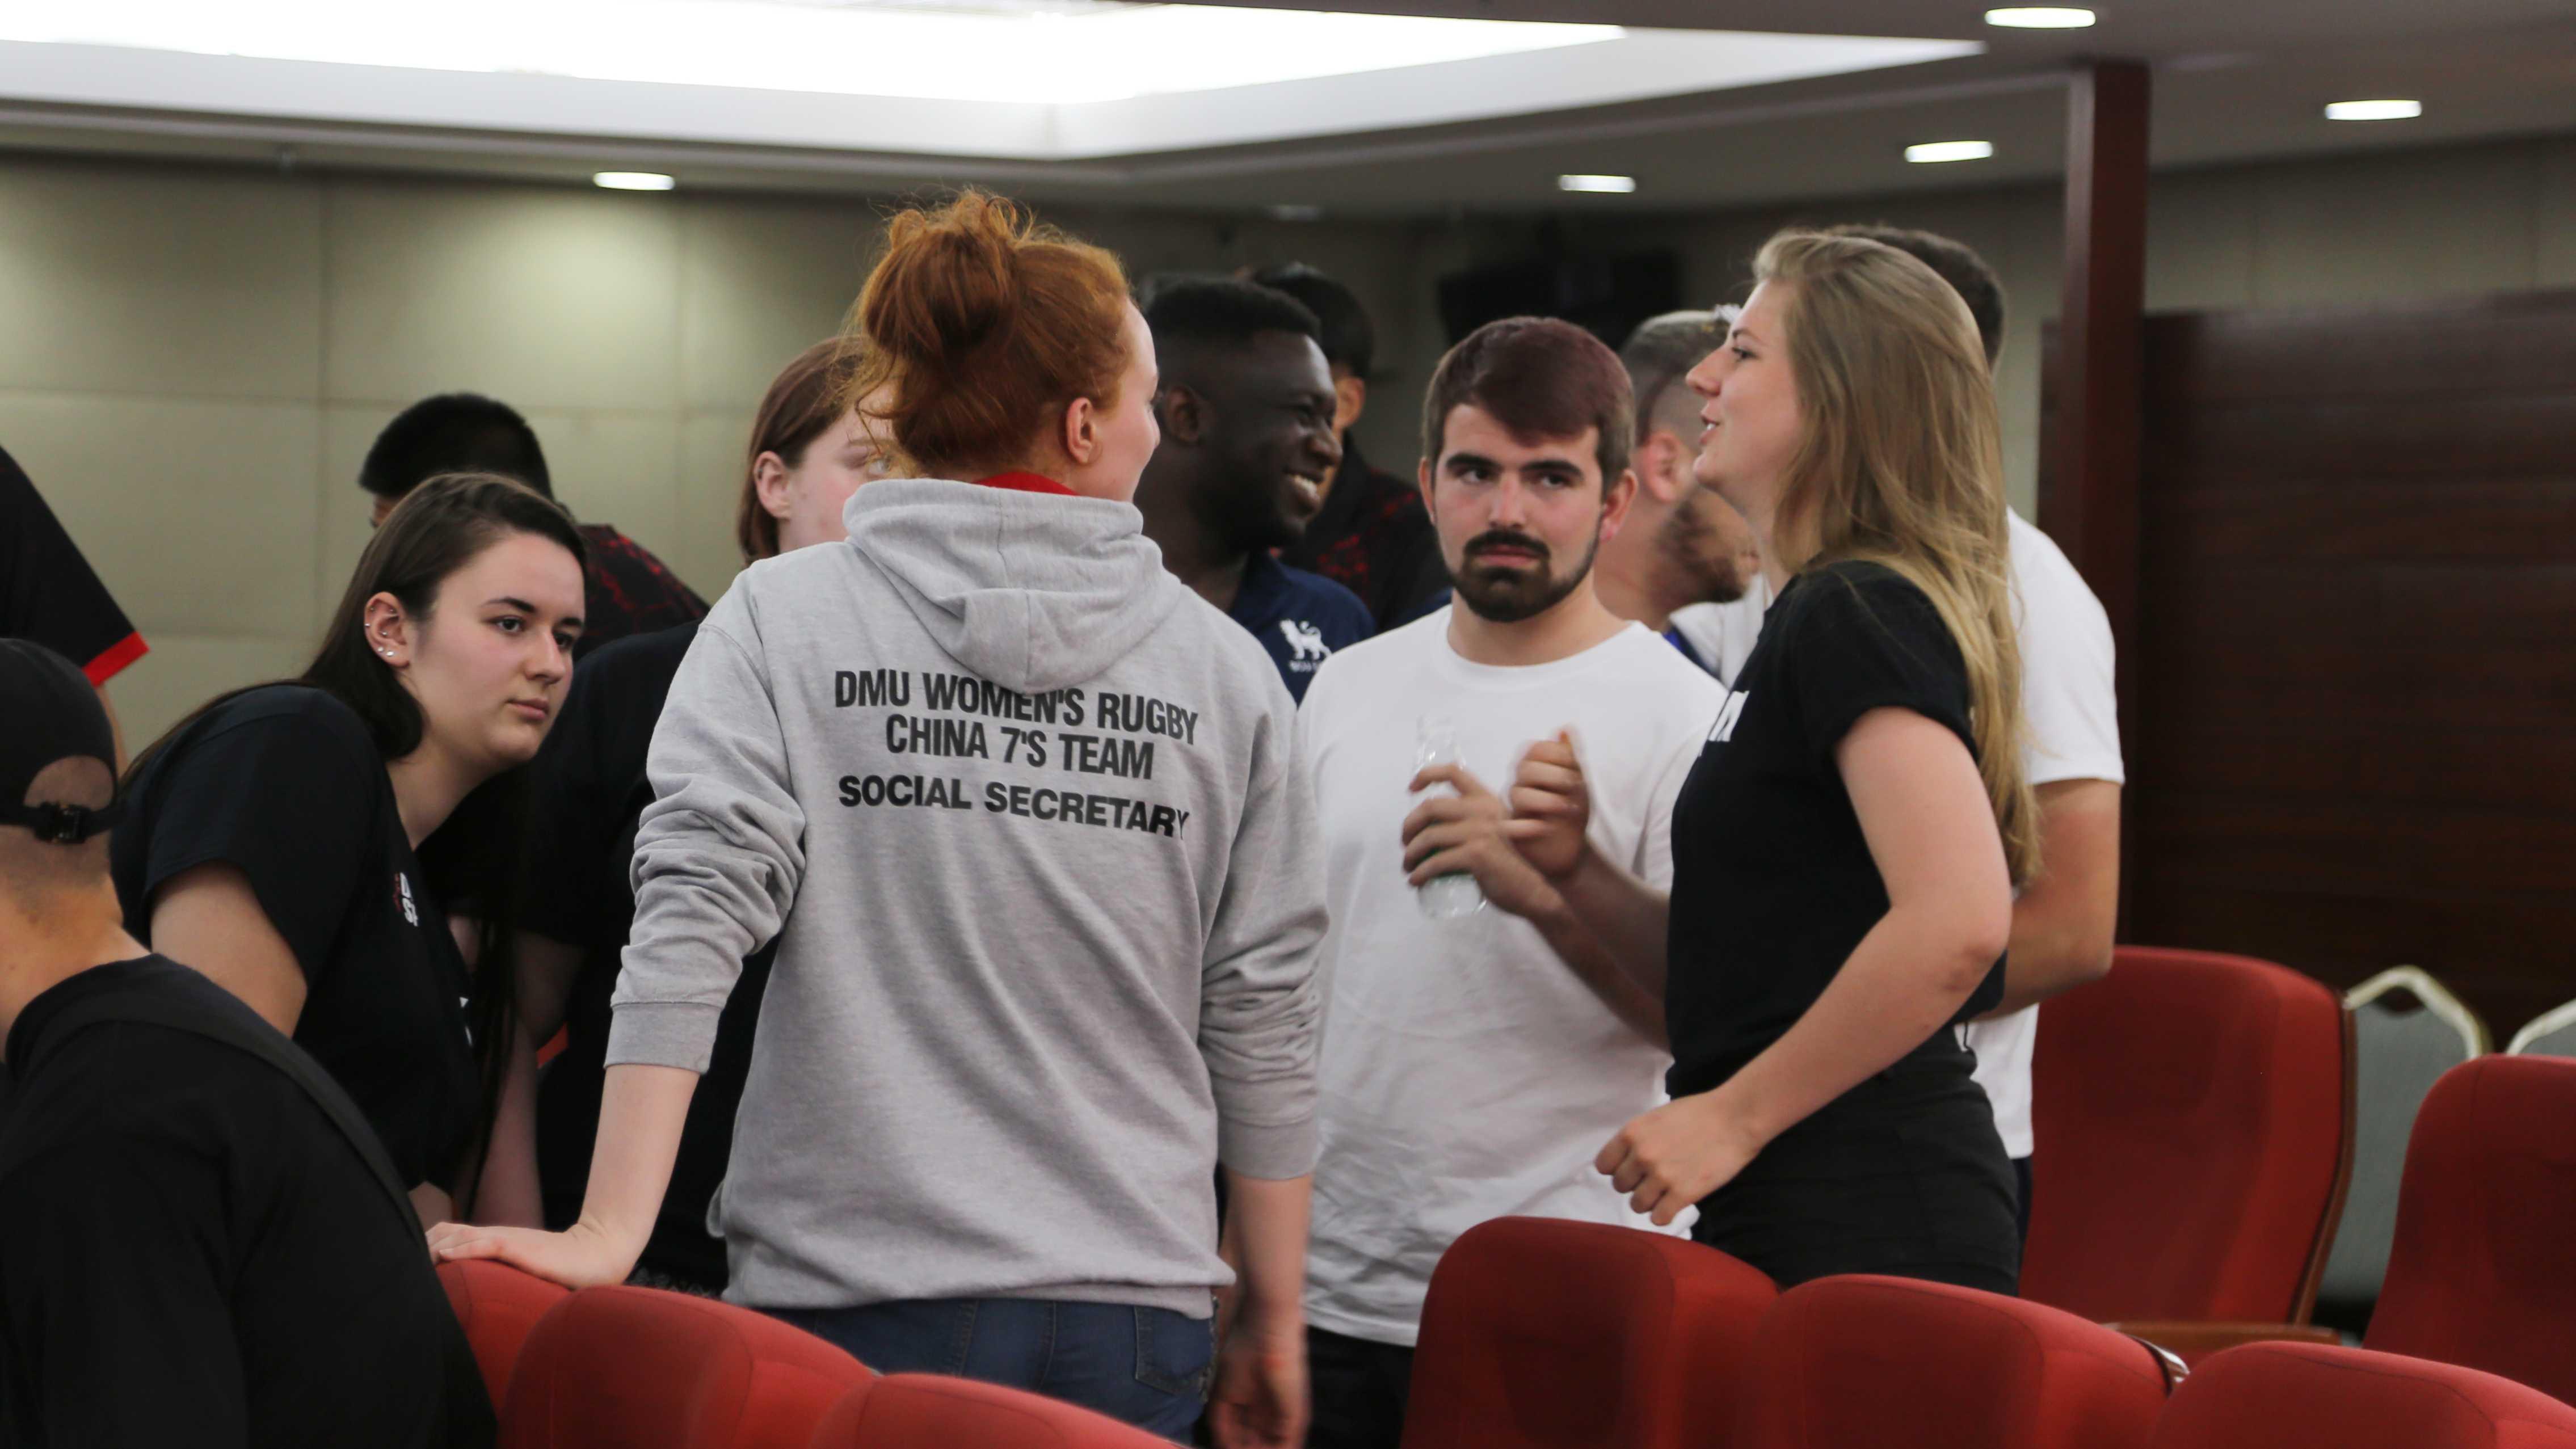 快讯 | 中英大学生英式橄榄球发展研讨会以及中英大学生文化交流会